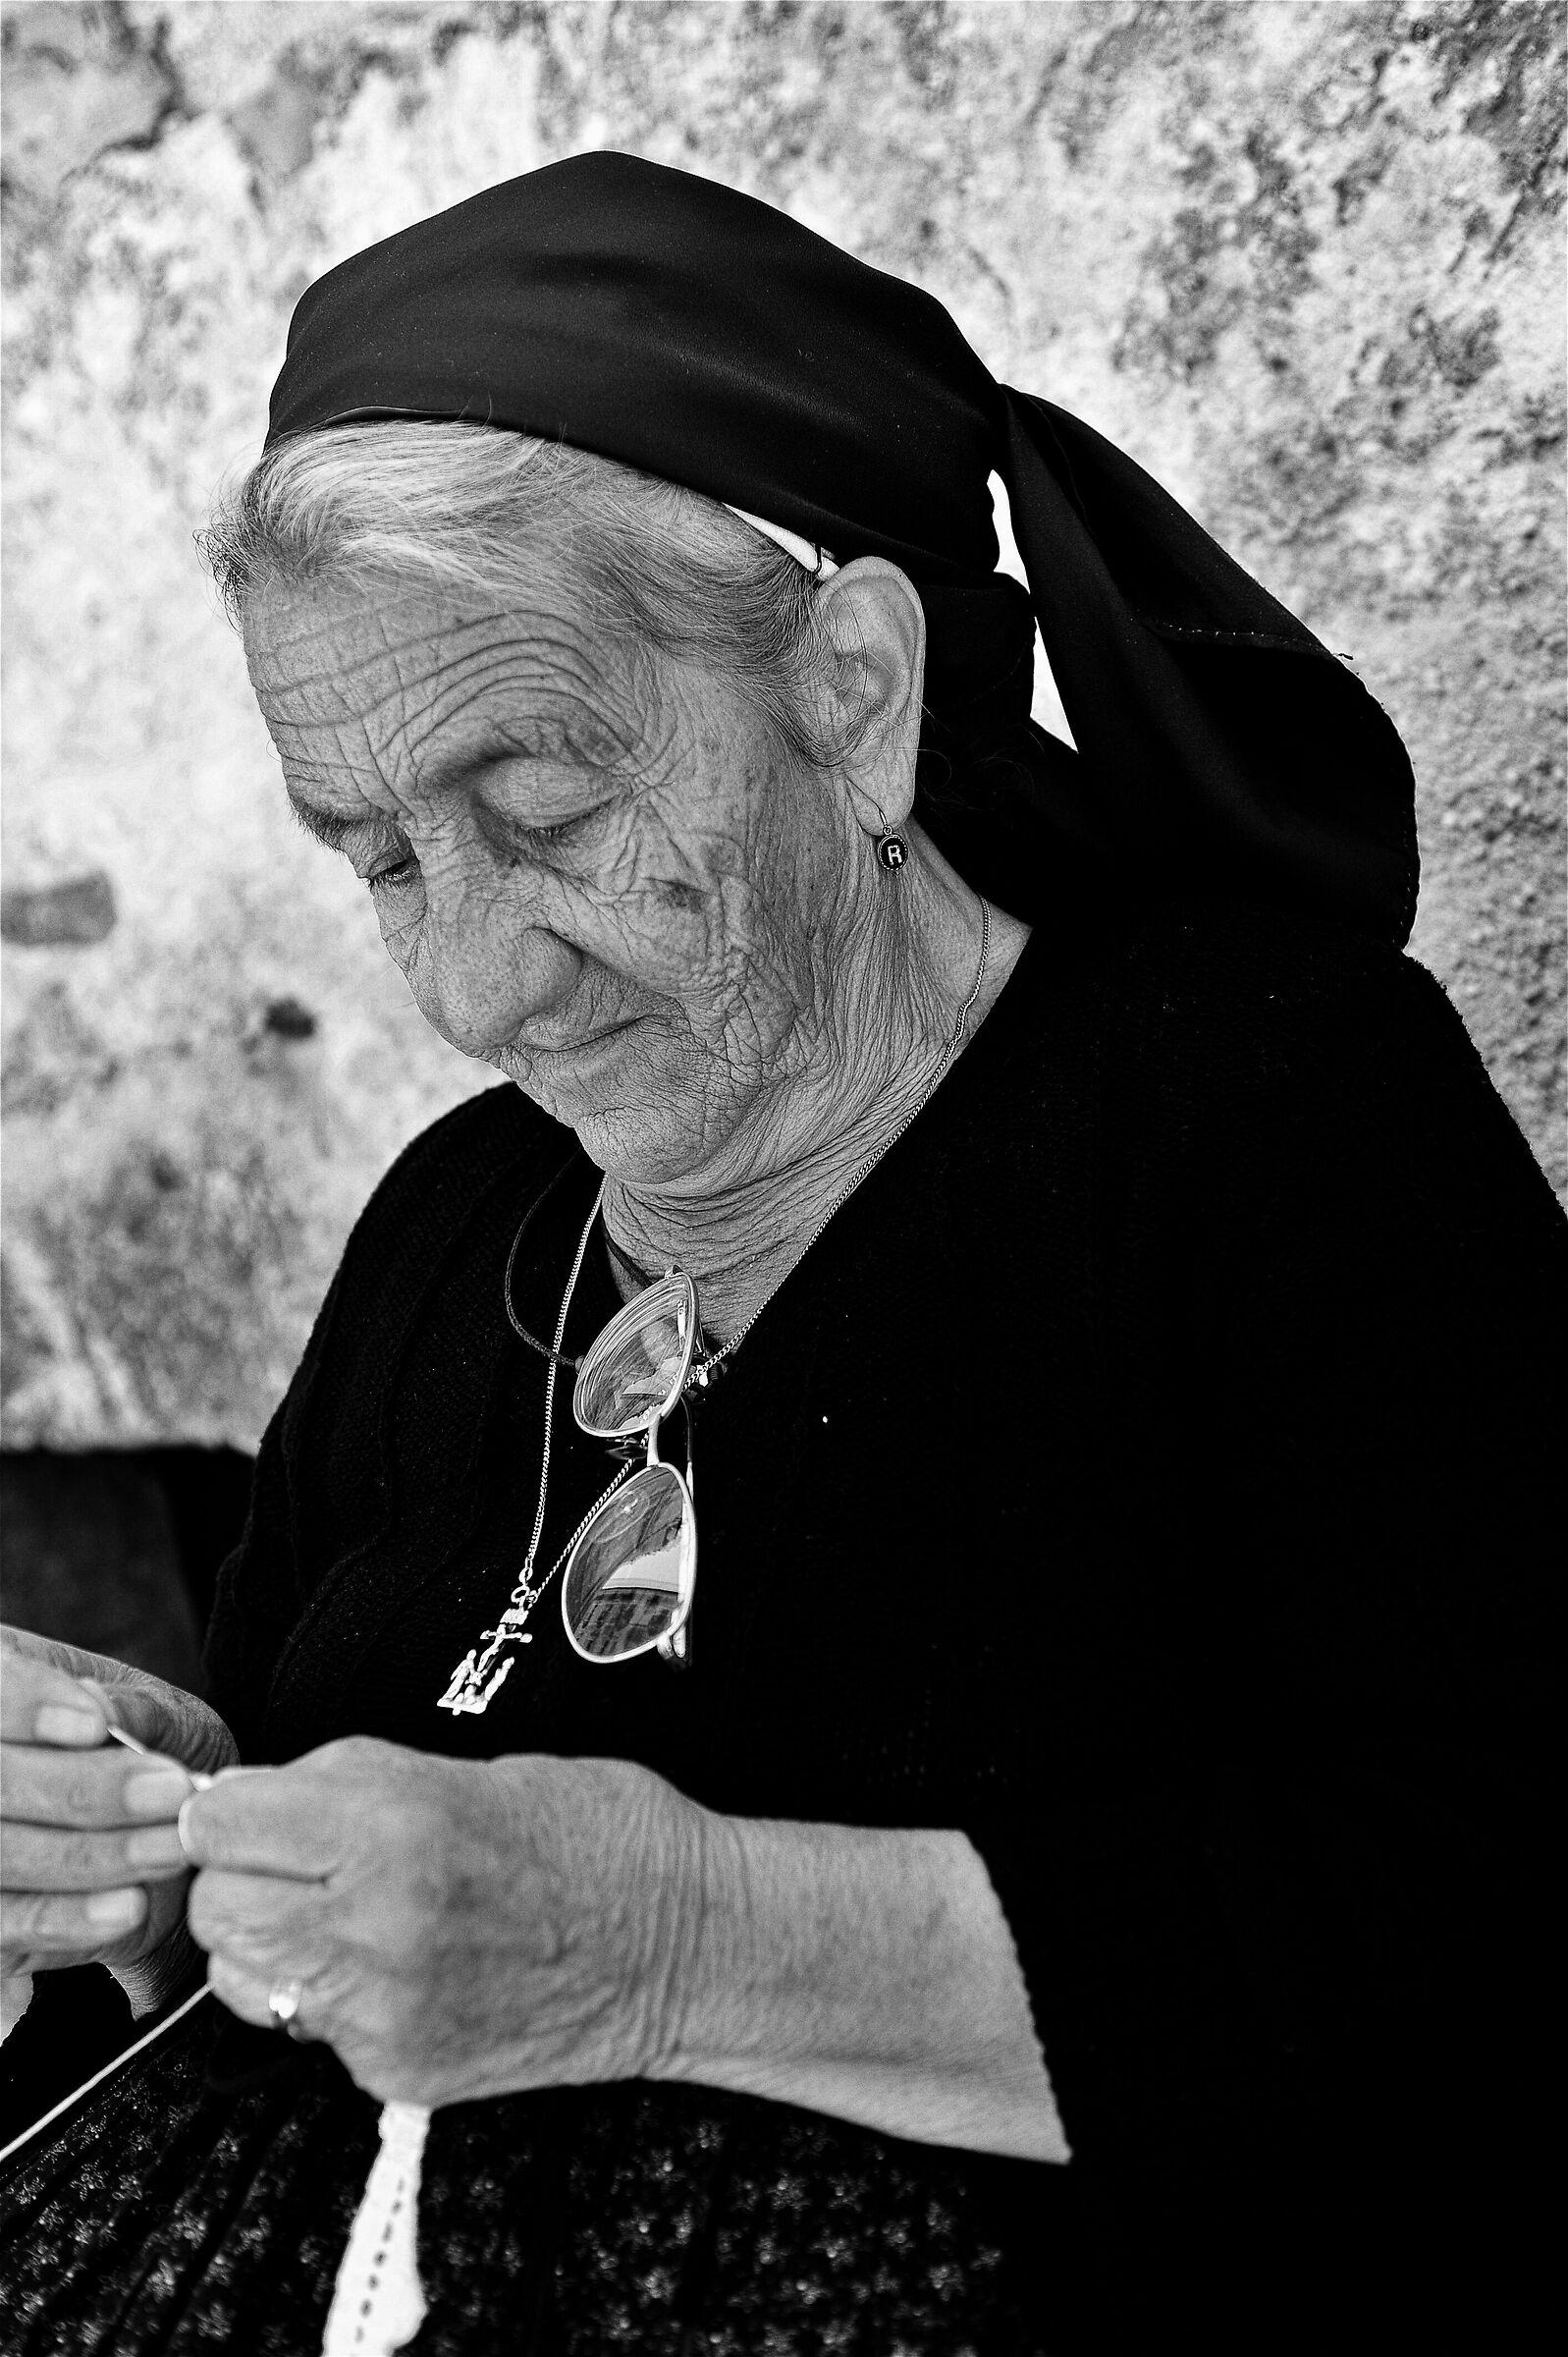 Elderly Embroiderer of Scanno (Aq)...